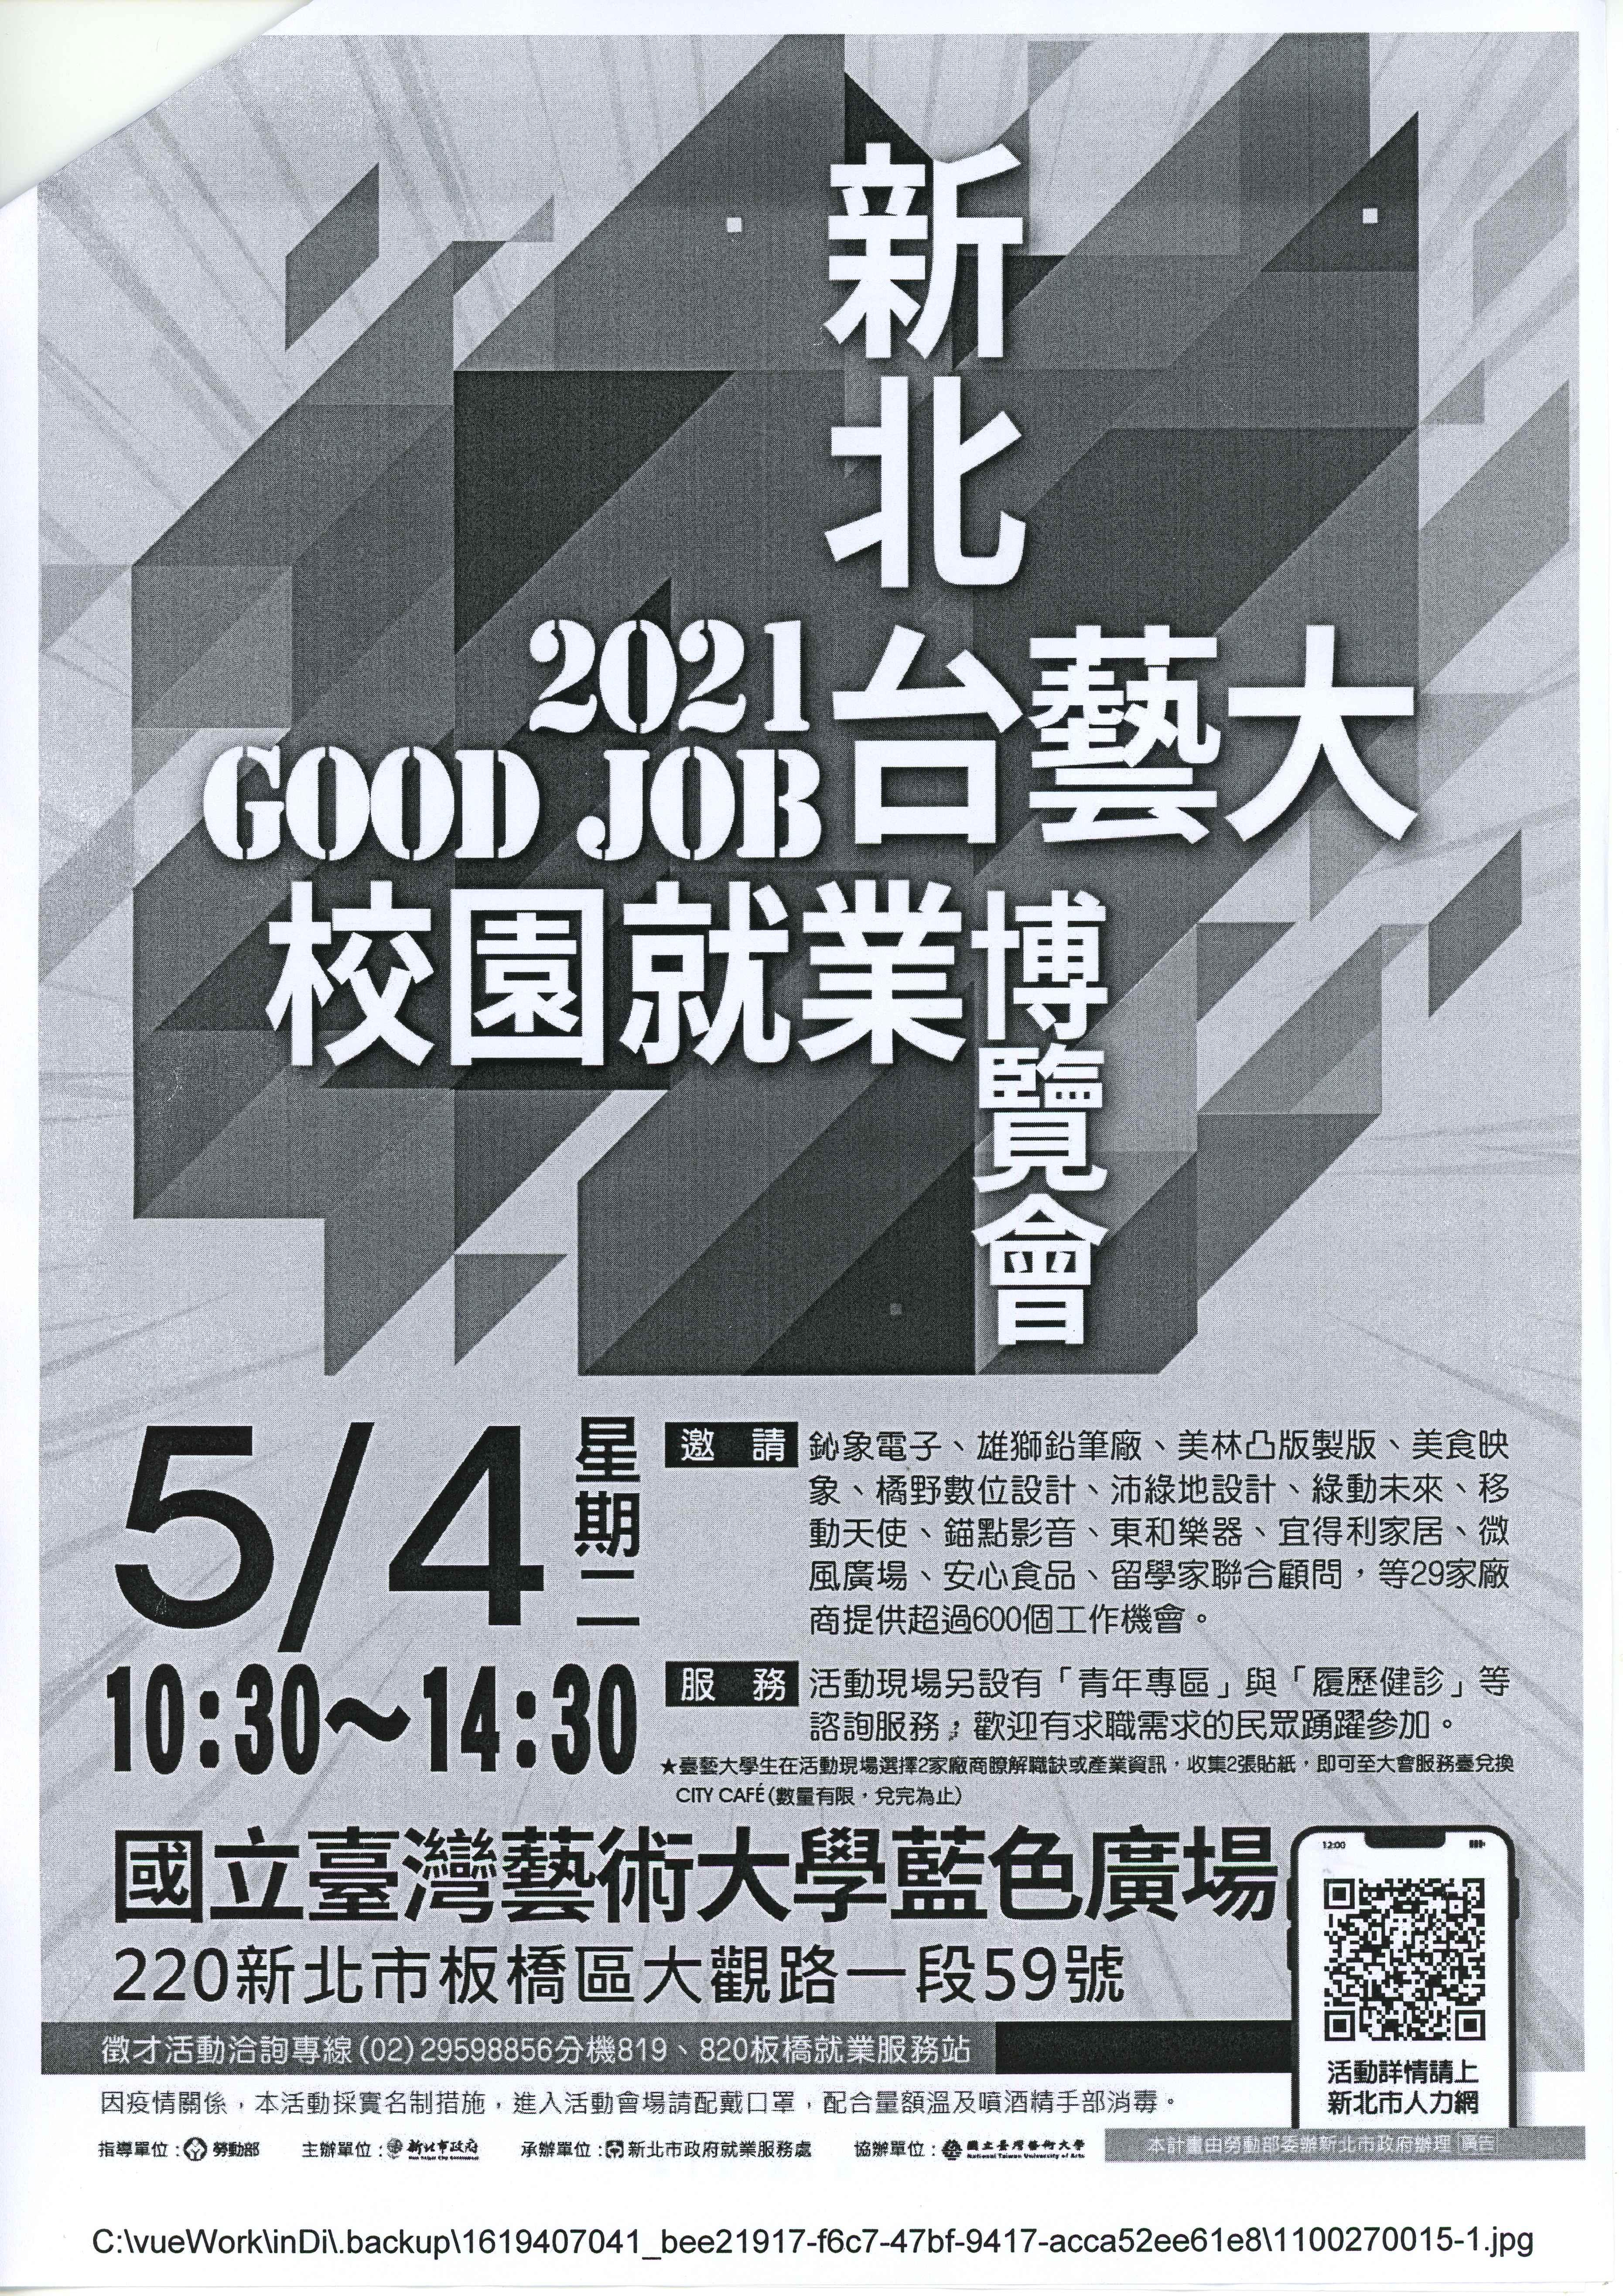 2021新北台藝大校園就業博覽會 5/4